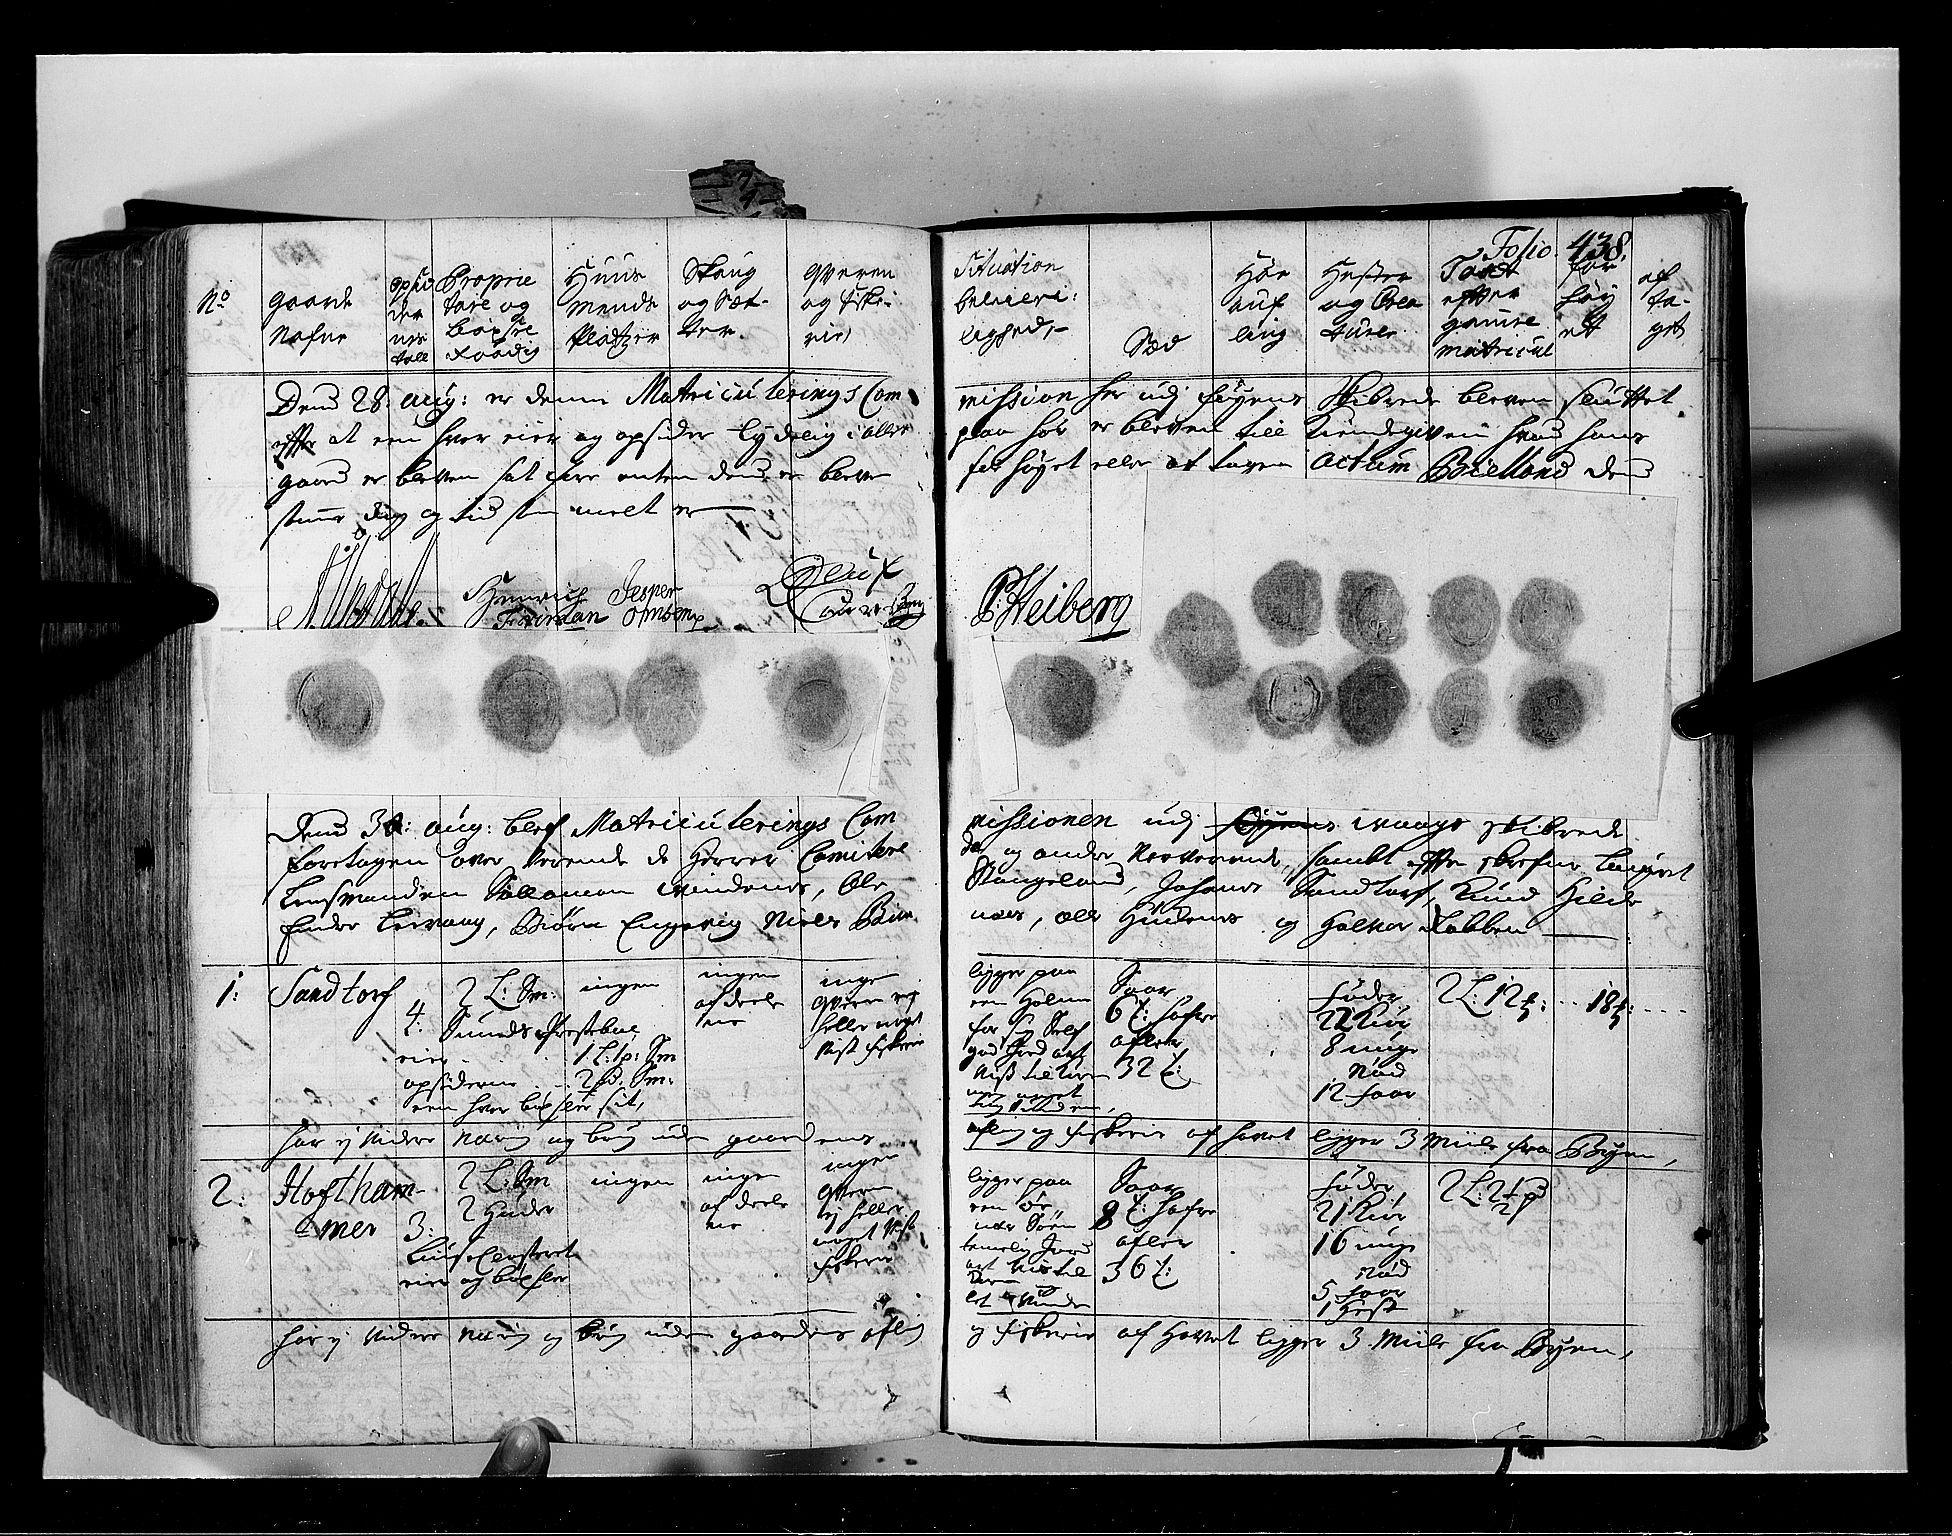 RA, Rentekammeret inntil 1814, Realistisk ordnet avdeling, N/Nb/Nbf/L0134: Sunnhordland eksaminasjonsprotokoll, 1723, s. 437b-438a